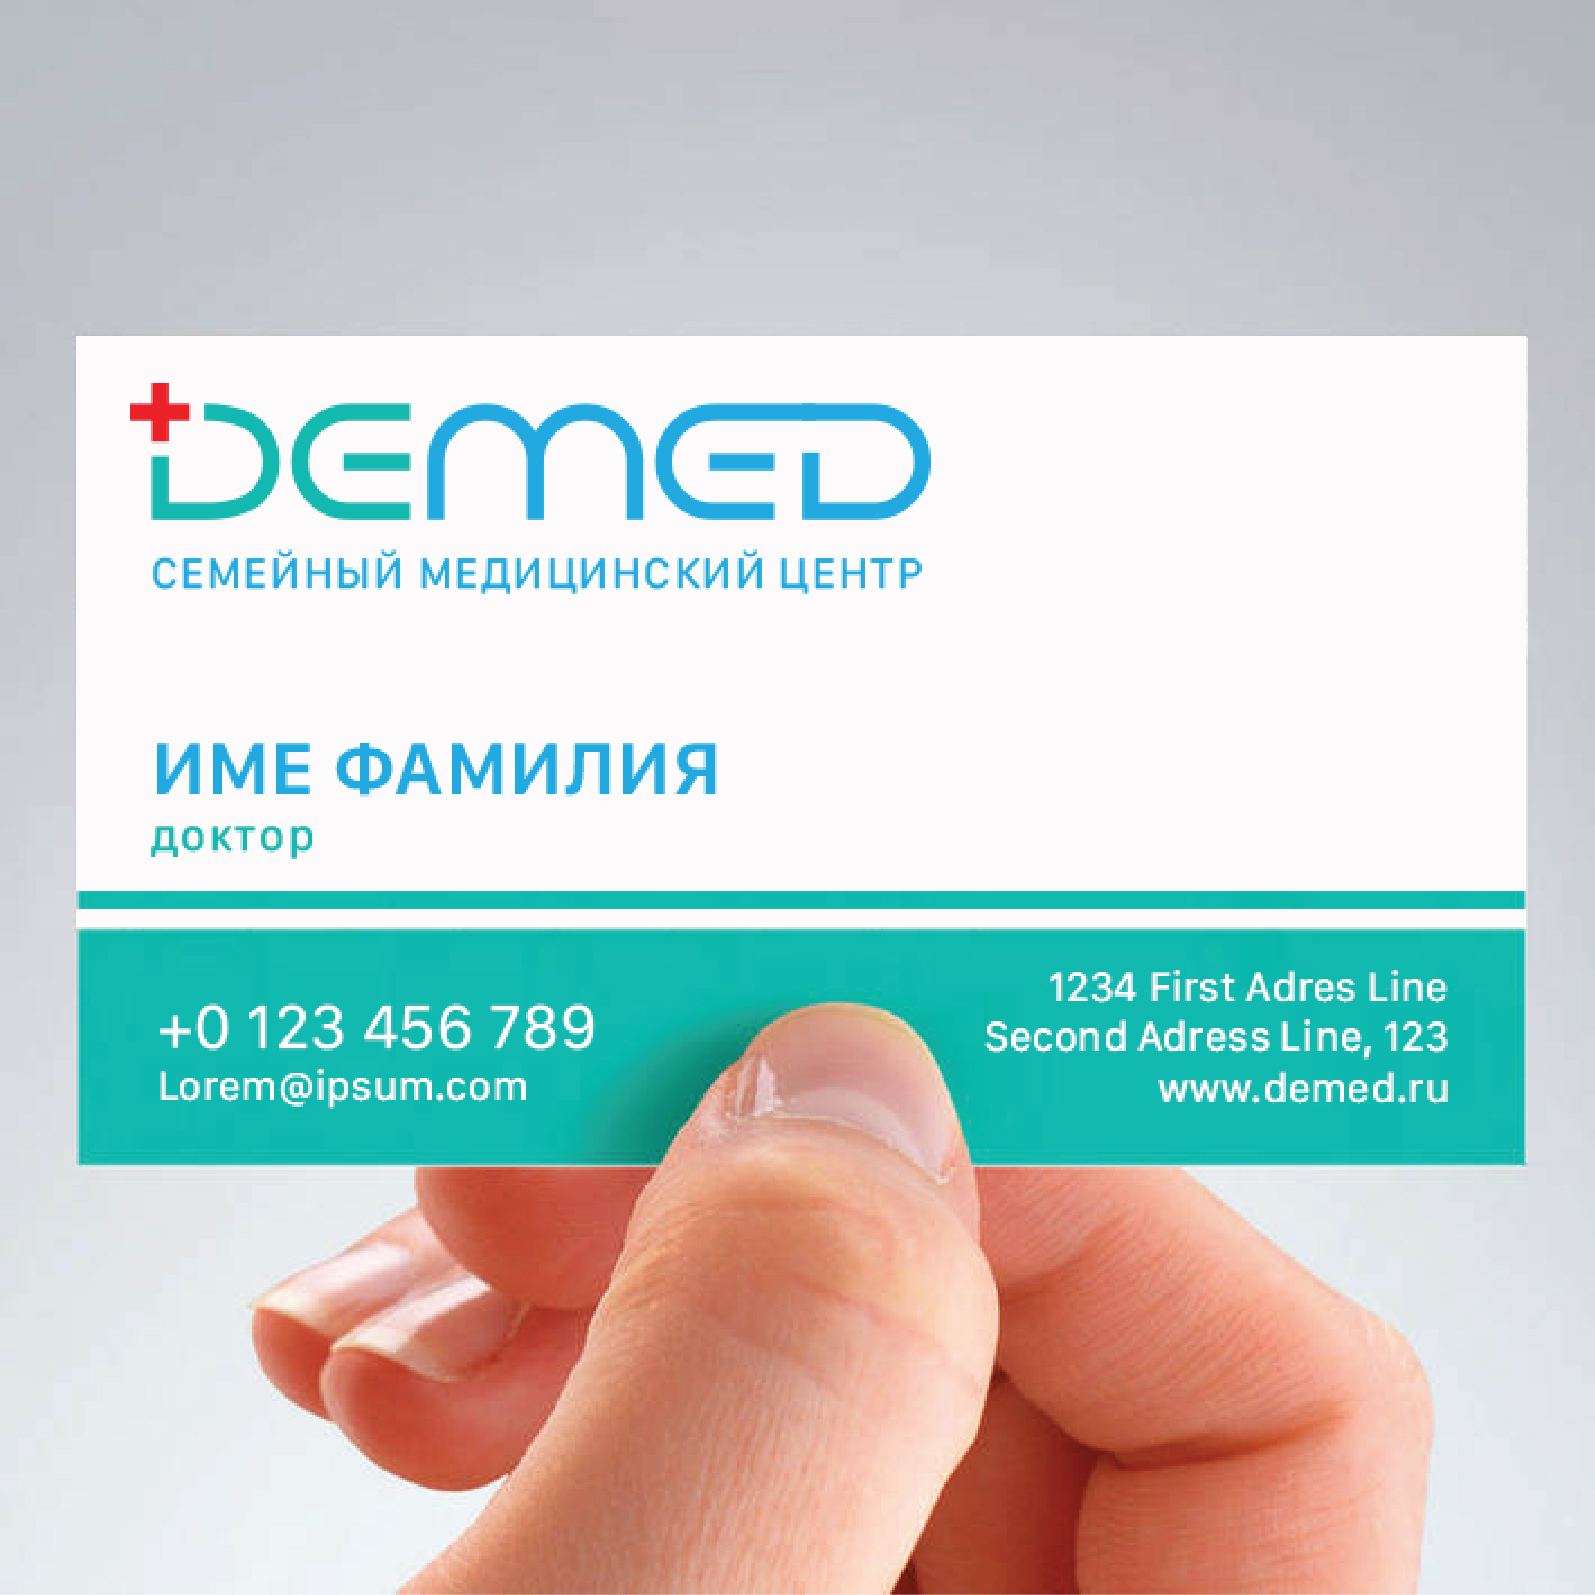 Логотип медицинского центра фото f_1045dc5b57988338.jpg